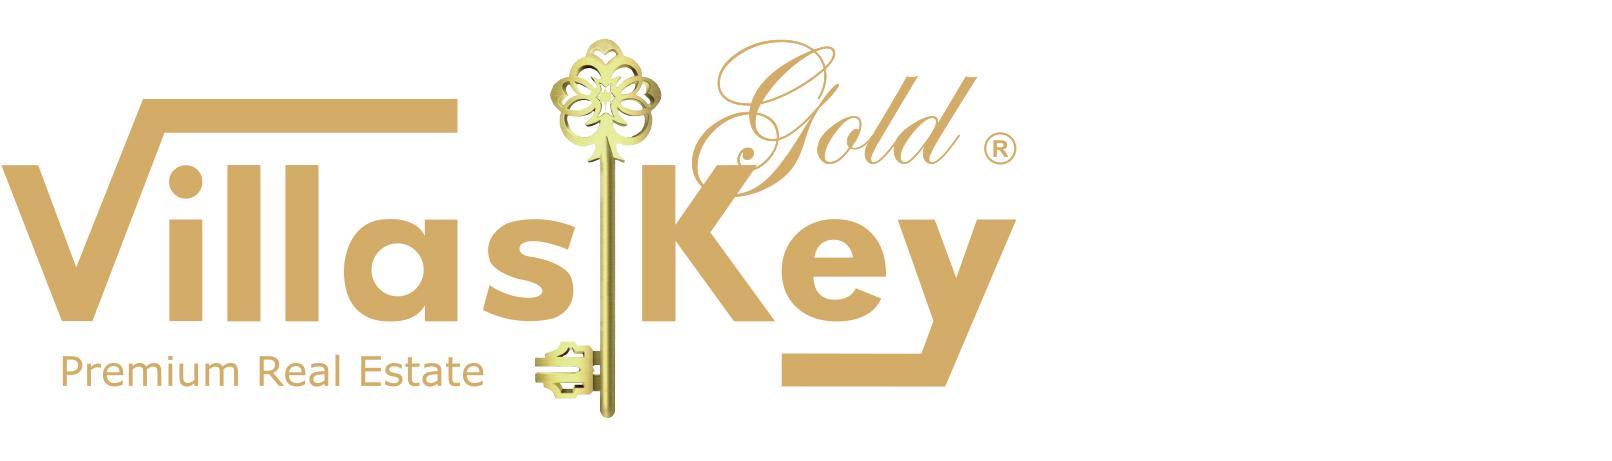 Villas Key Gold